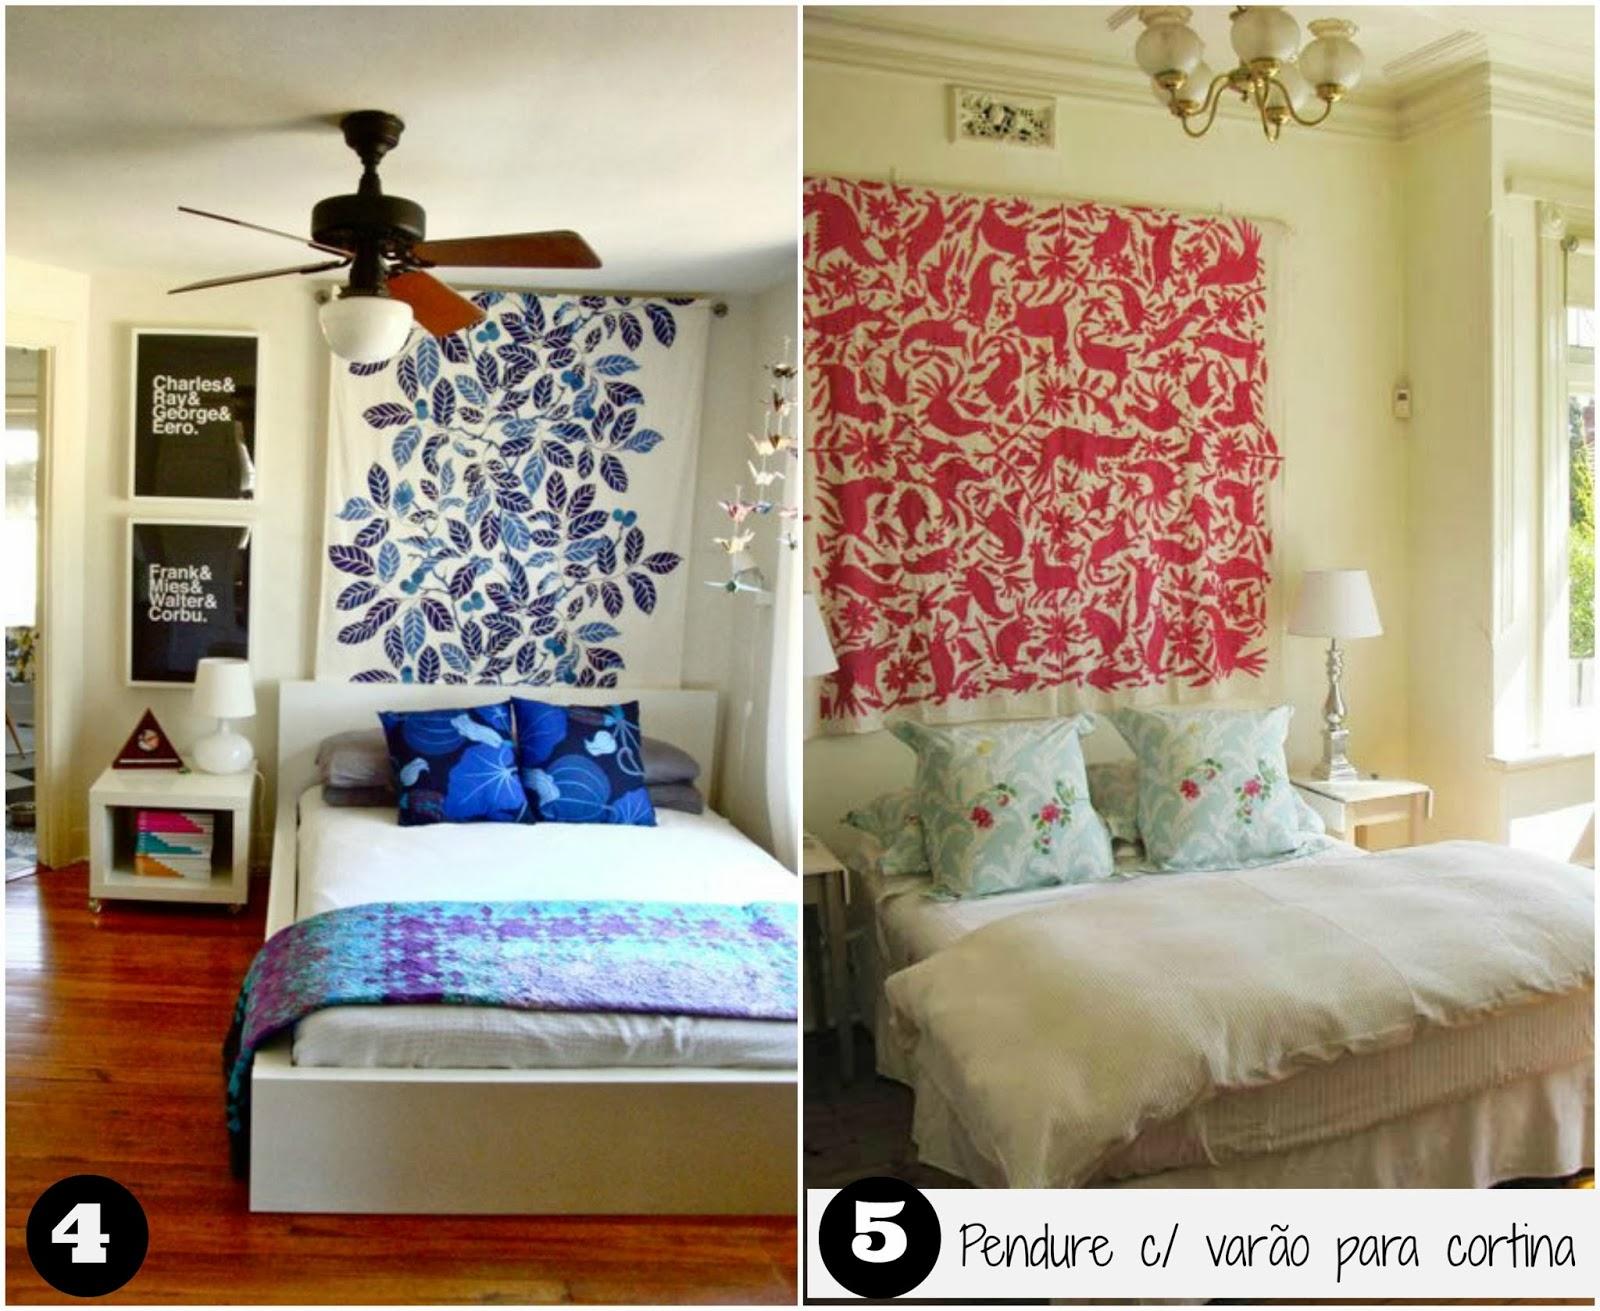 Casa montada 18 ideias para decorar a cabeceira com tecido - Decorar camas ...